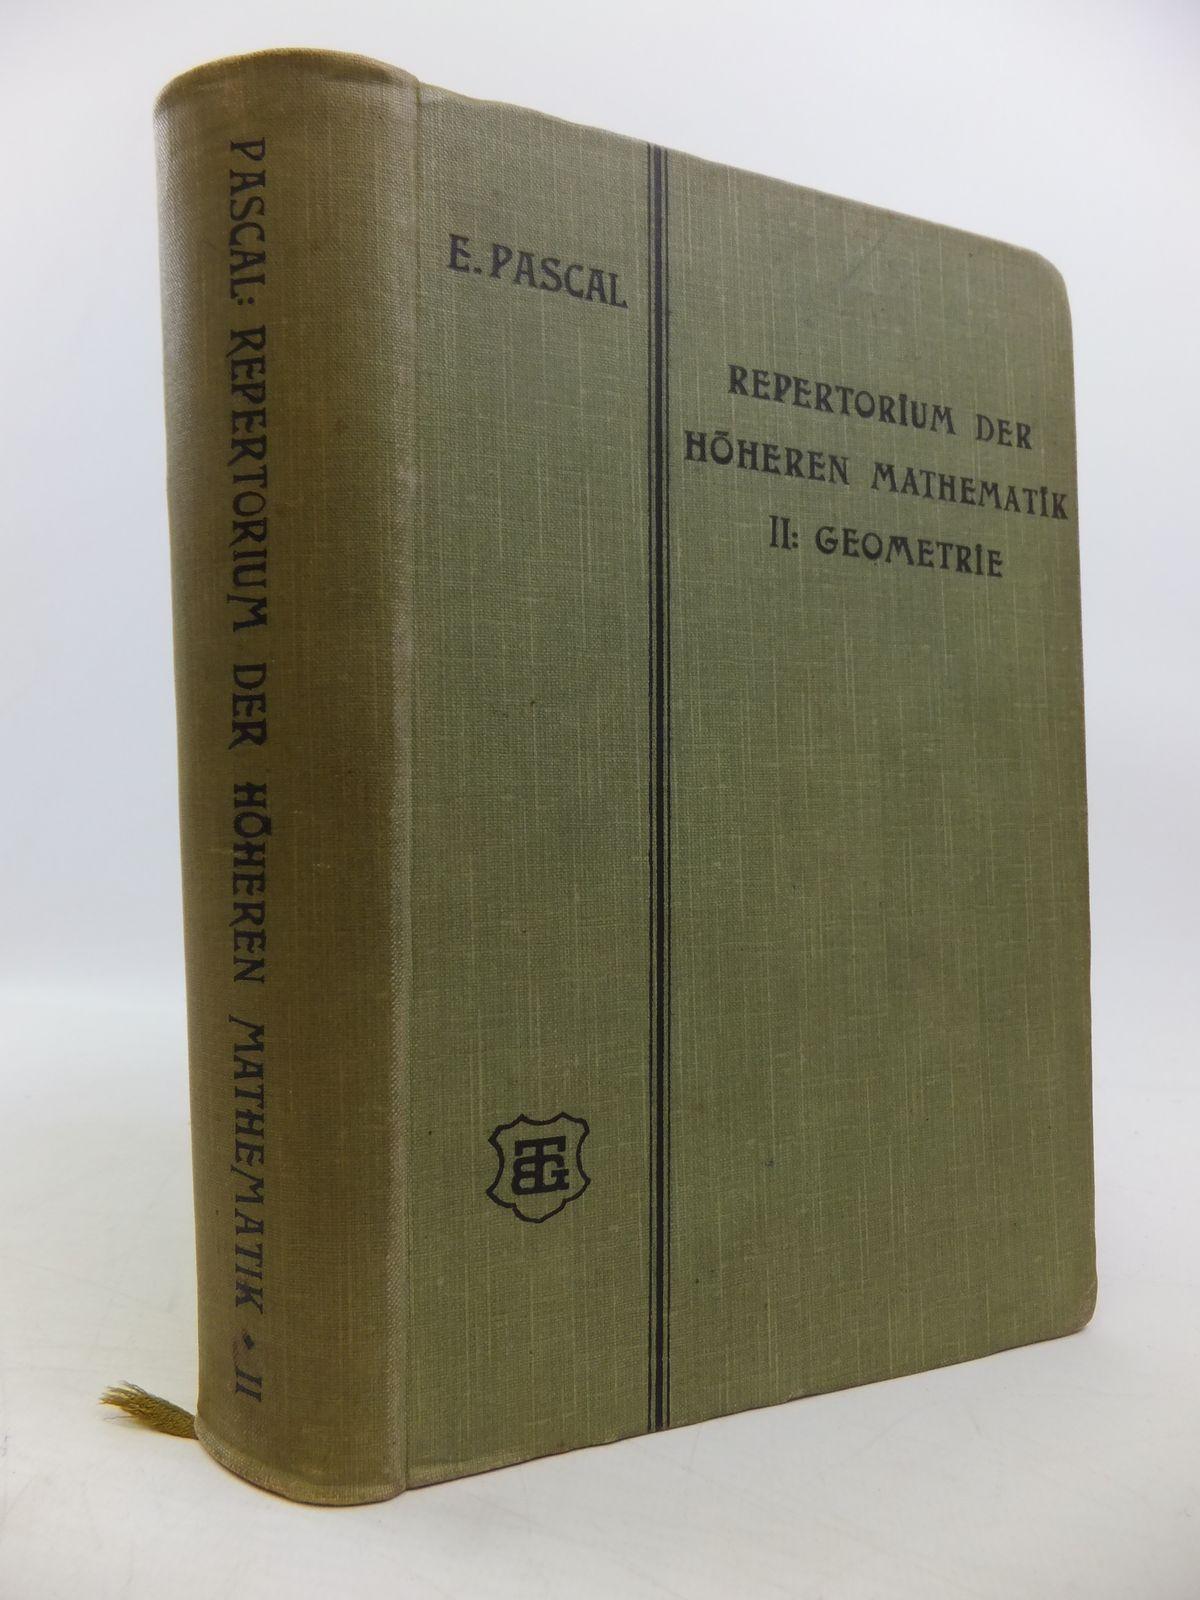 Photo of REPERTORIUM DER HOHEREN MATHEMATIK written by Schepp, A. published by Druck Und Verlag Von B.G. Teubner (STOCK CODE: 1811397)  for sale by Stella & Rose's Books